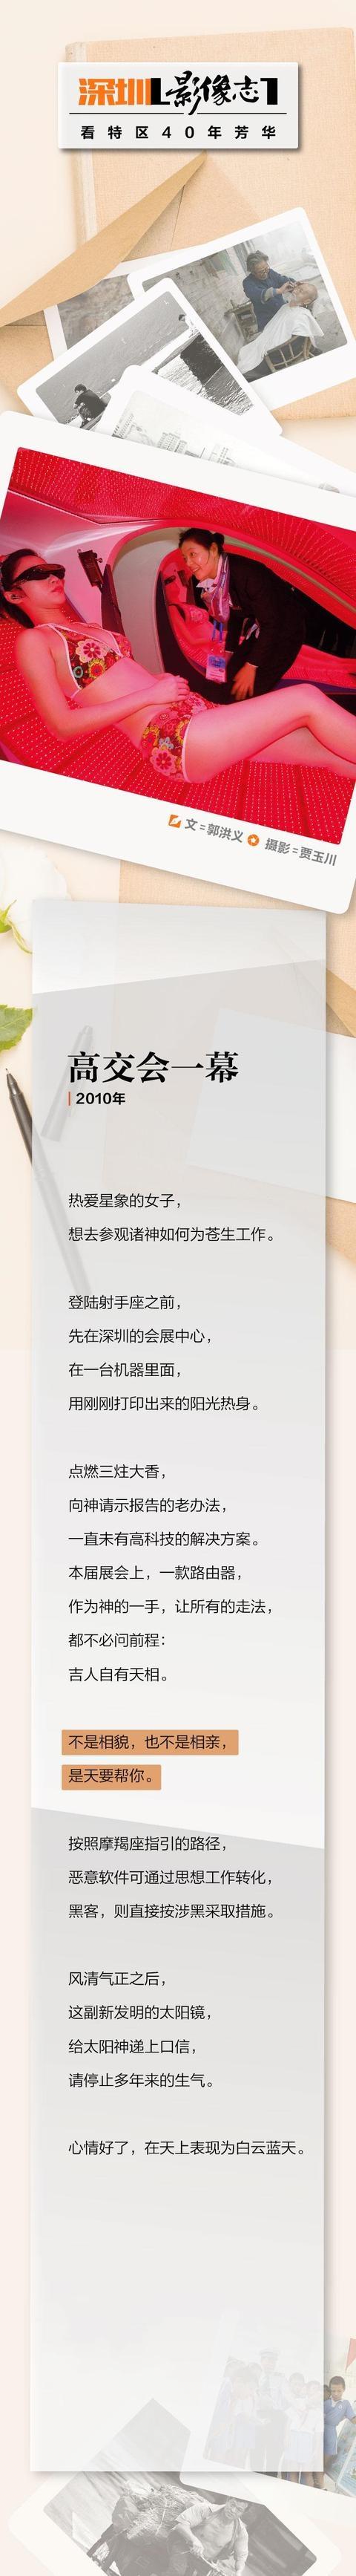 深圳影像志 | 高交会一幕(2010年)